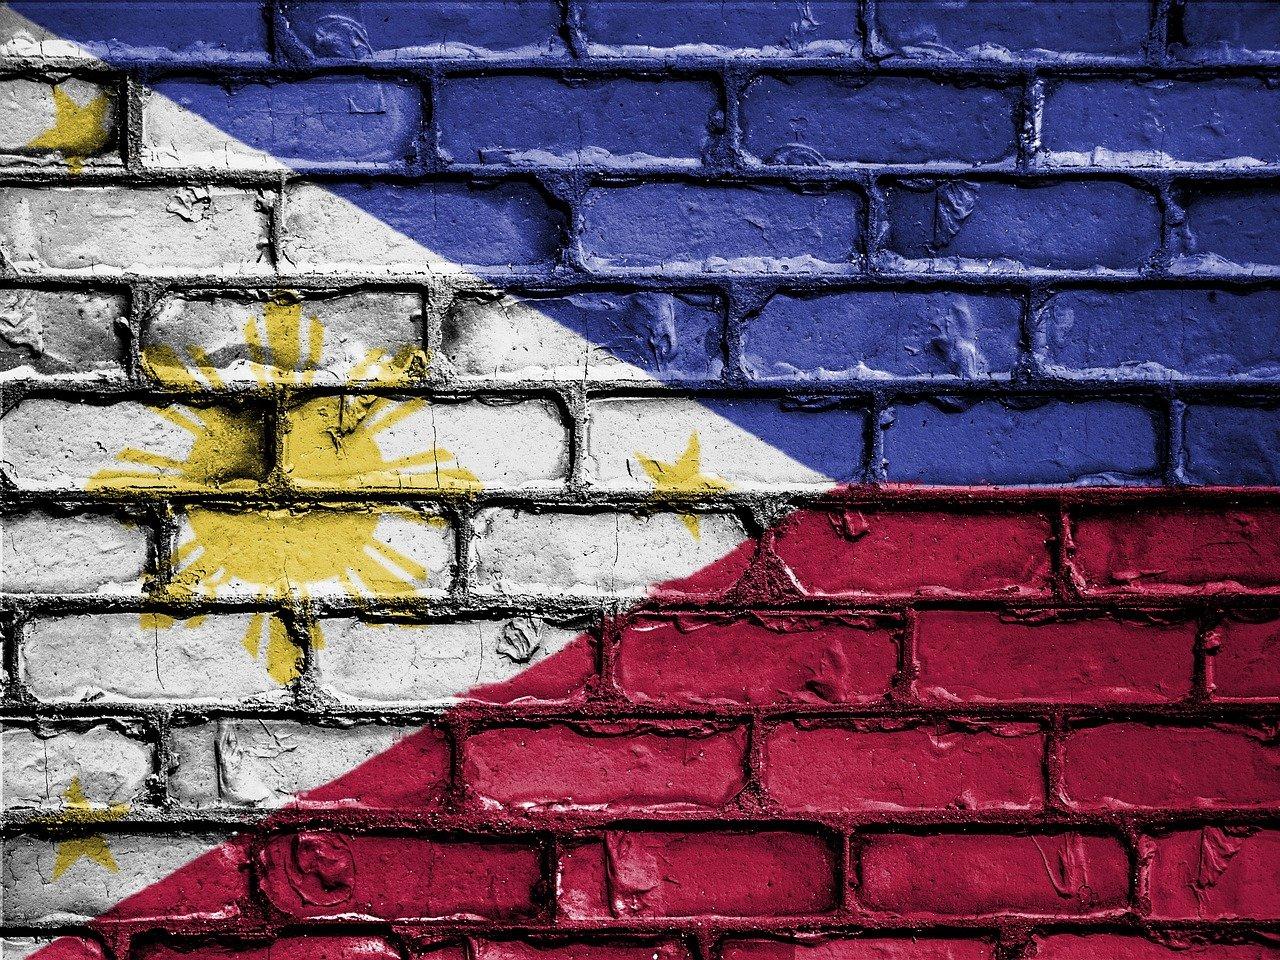 フィリピン:コロナ禍で 政府債務が膨らみ過去最高に